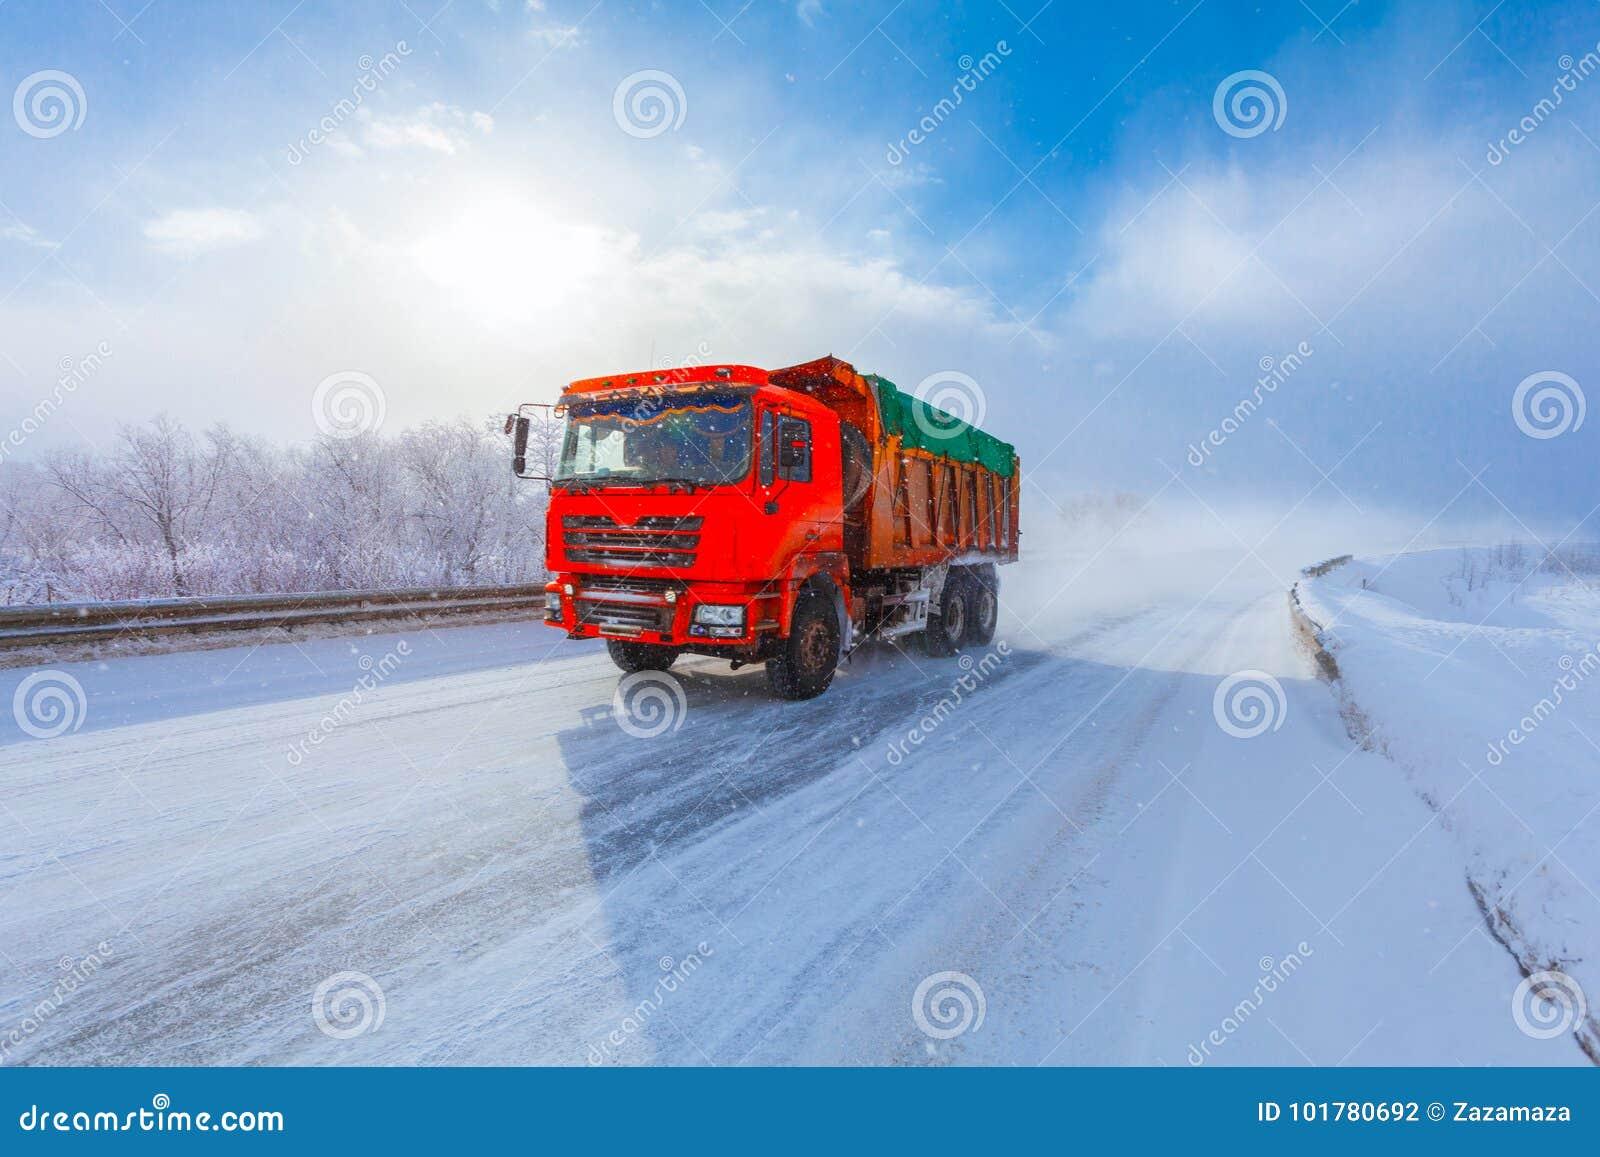 Motieonduidelijk beeld van een rode stortplaatsvrachtwagen met lading op de winterweg